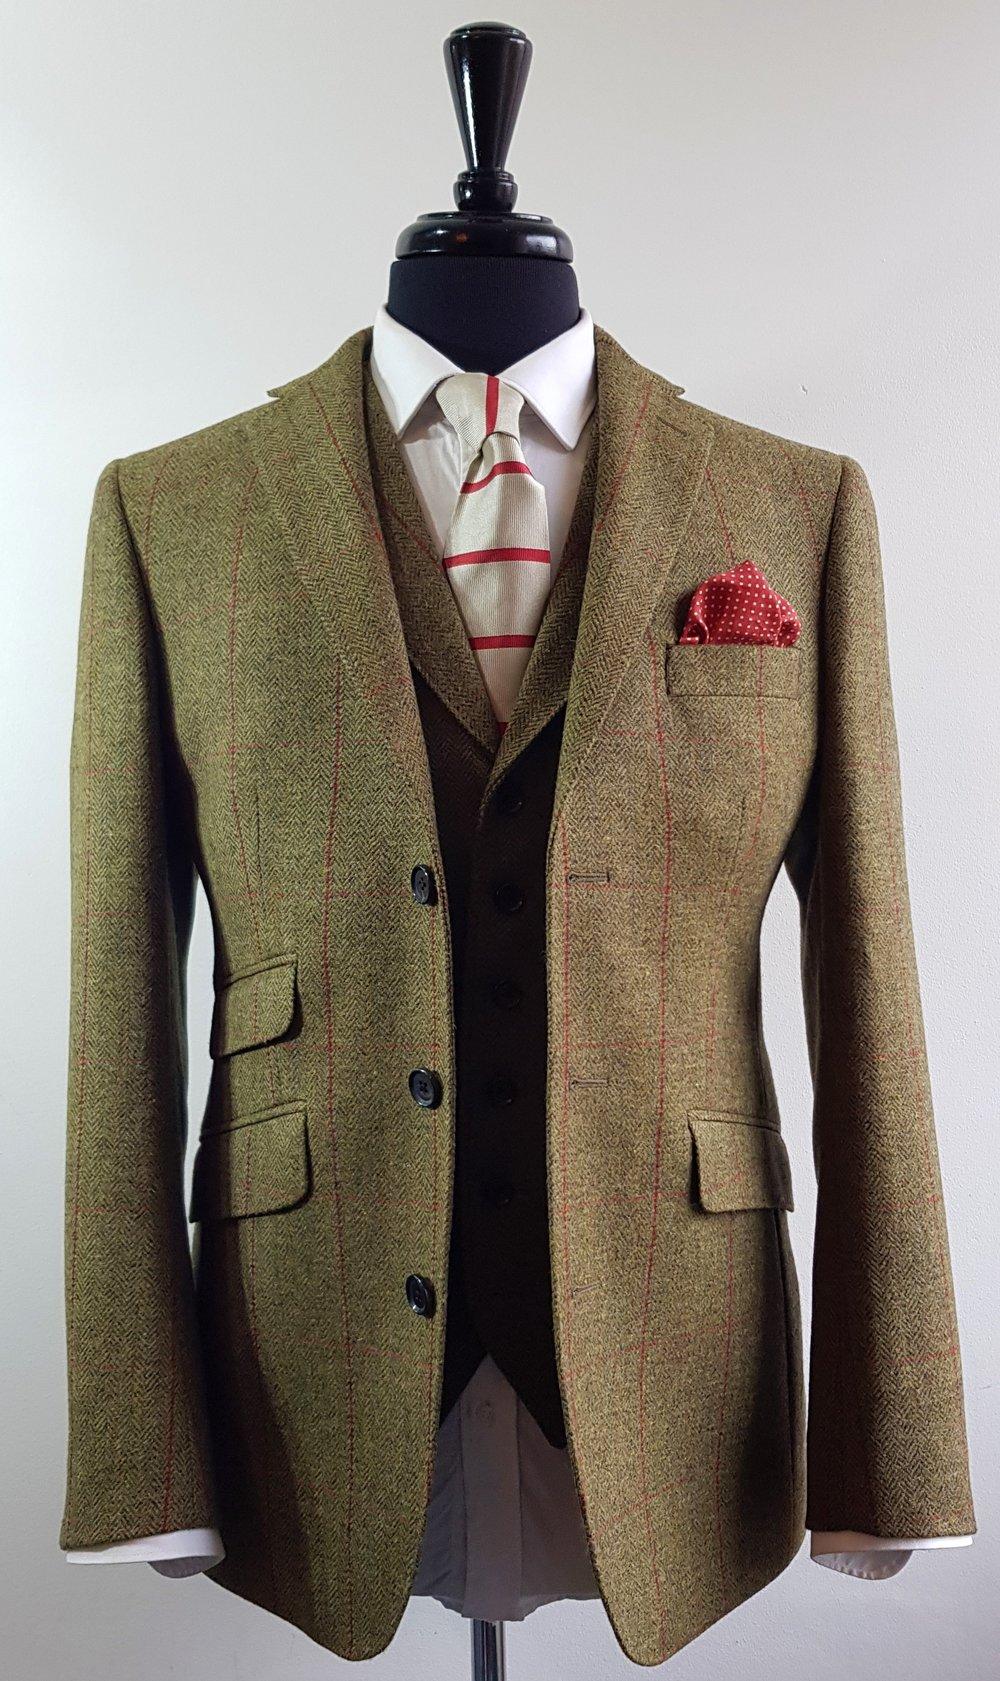 Tweed Jacket and Tweed Waistcoat (5).jpg